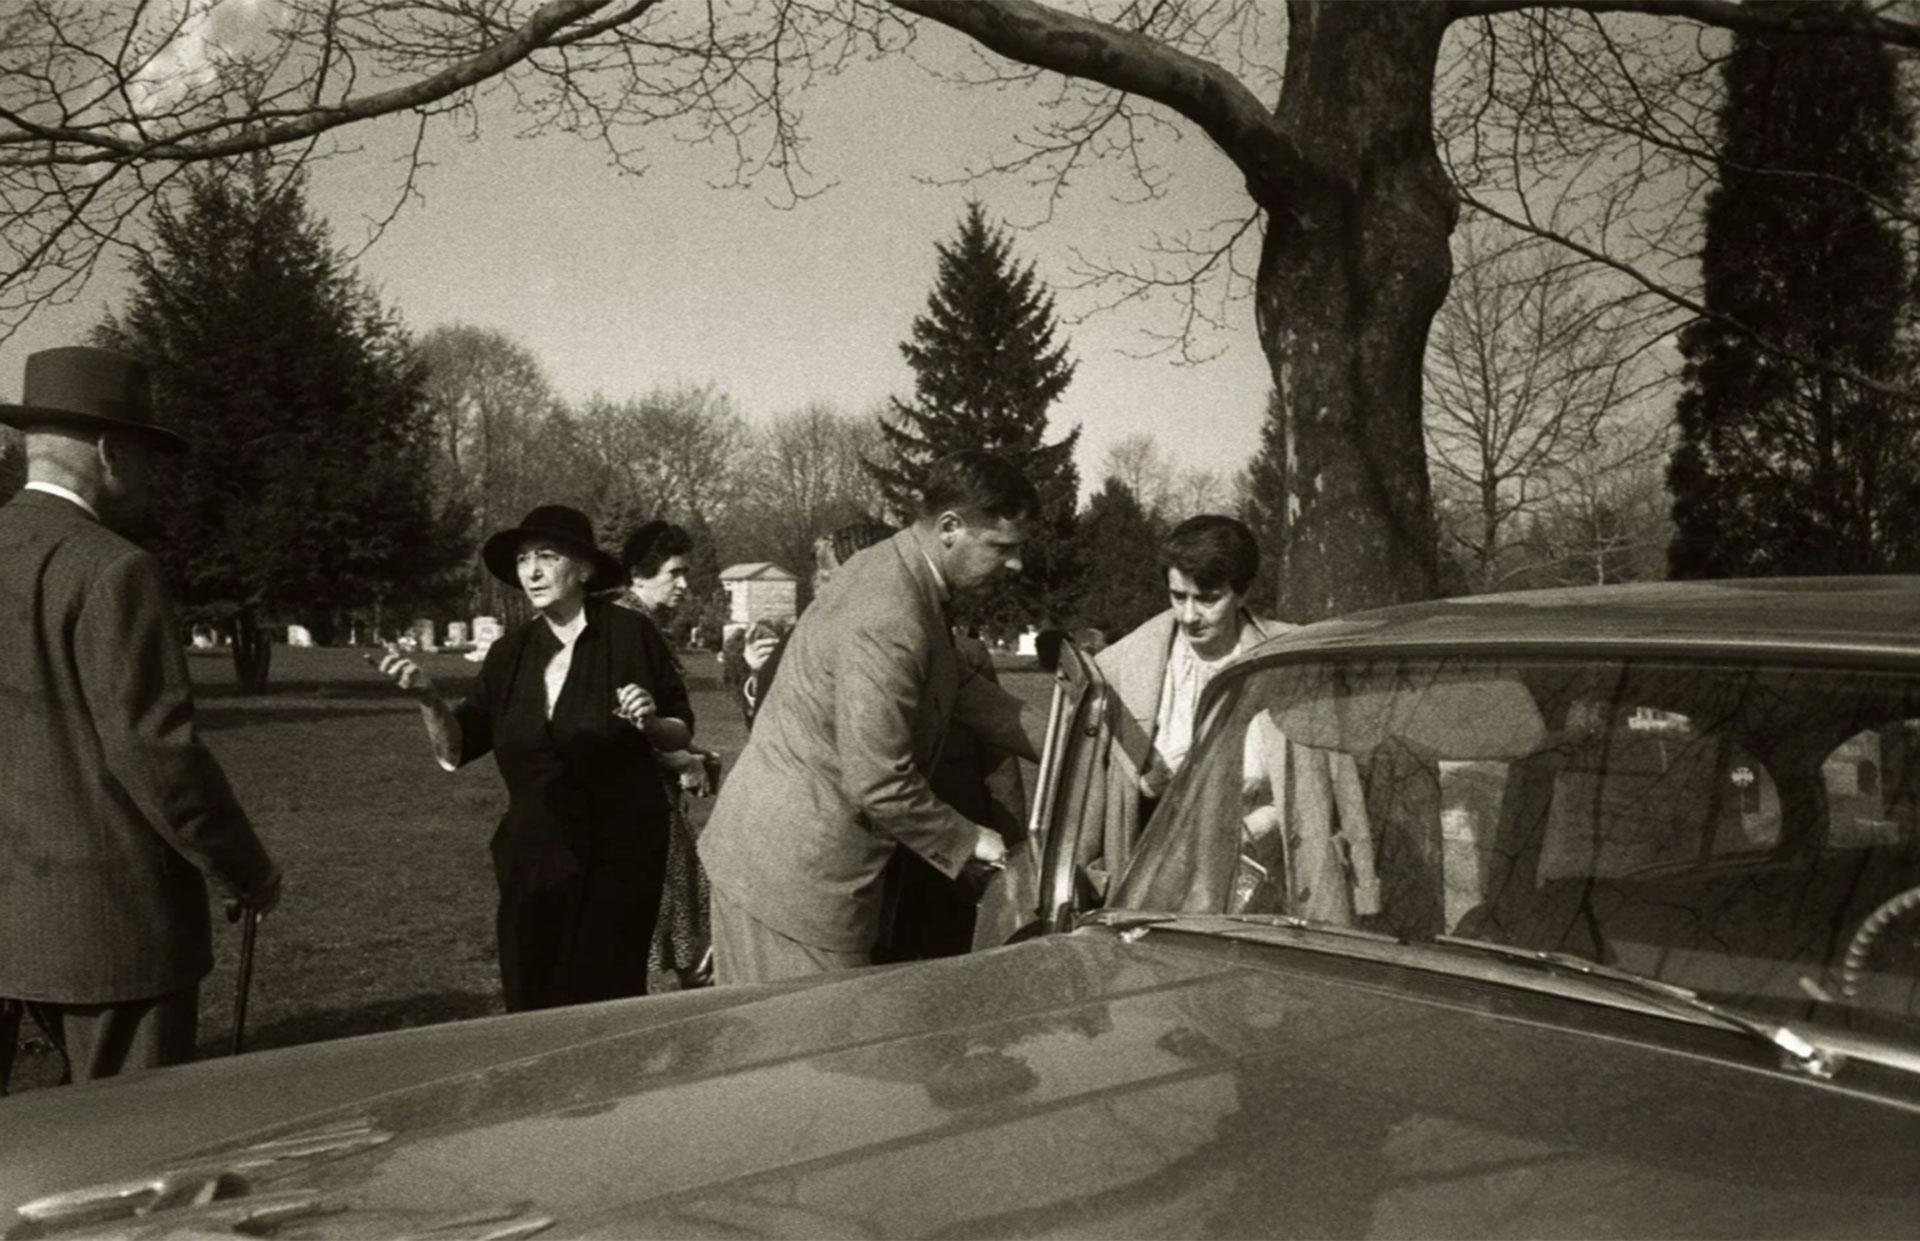 La secretaria de Einstein, Helen Dukas, ingresa al automóvil tras el breve servicio fúnebre (Ralph Morse -Life Magazine- Getty)